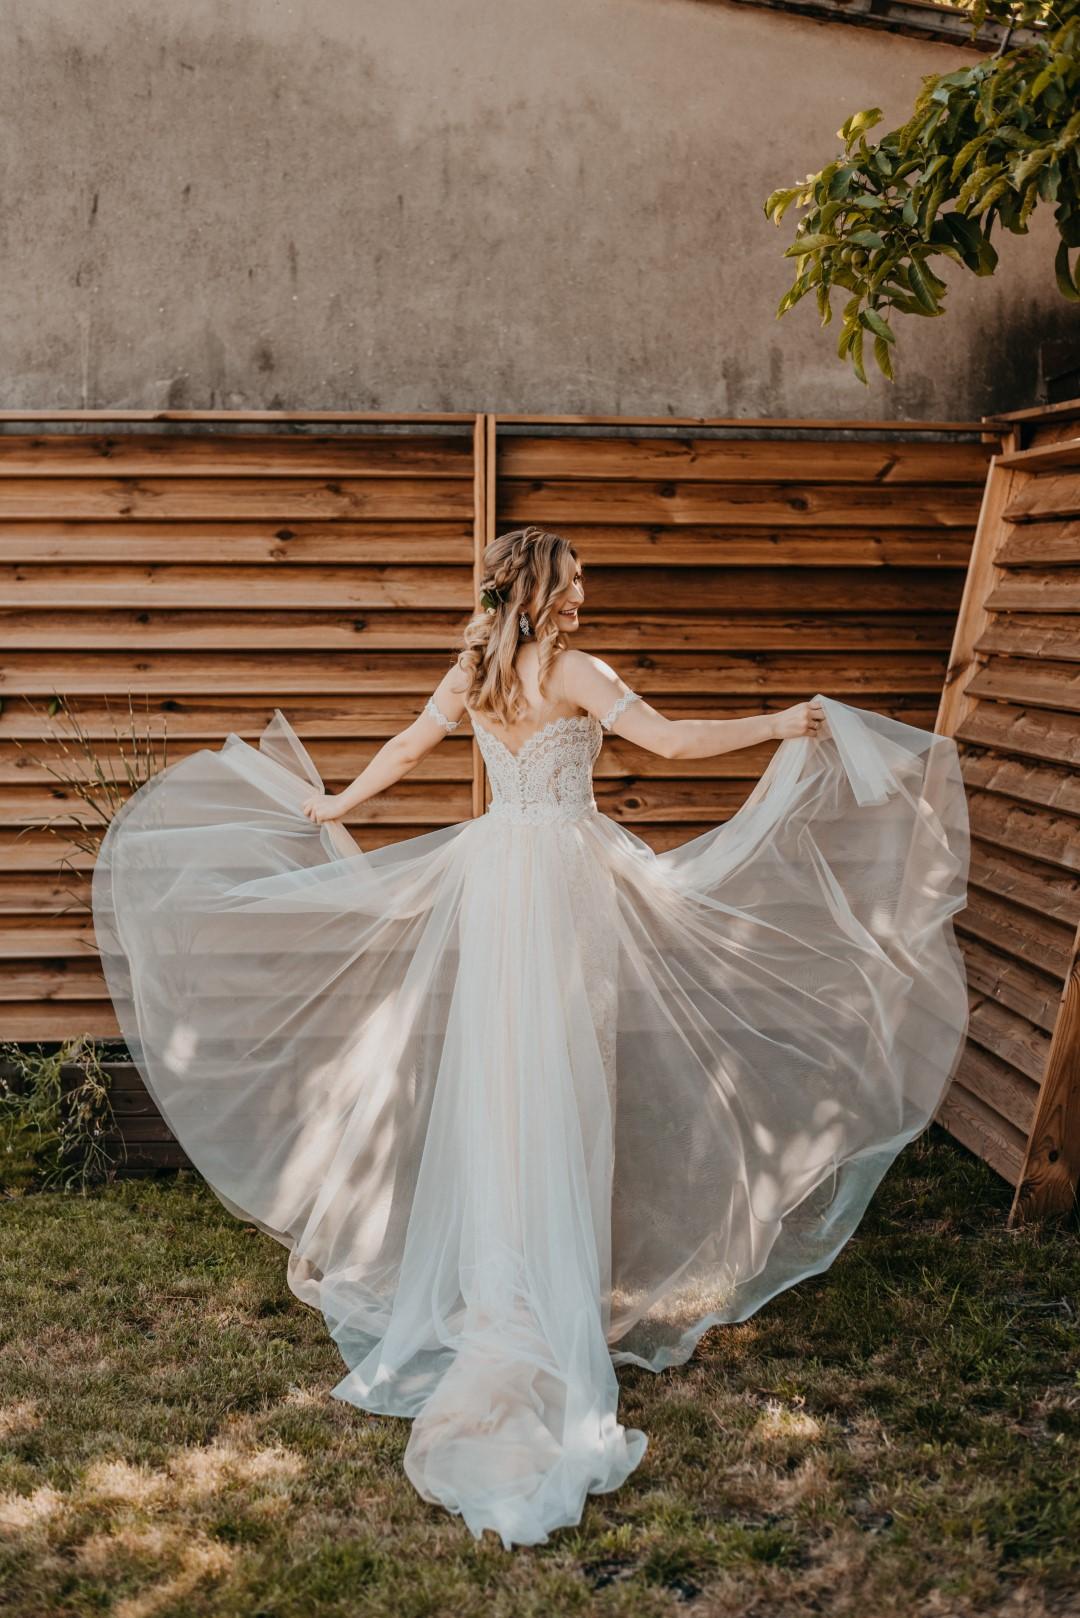 eliana kresa suknie ślubne, eliana kresa, rustykalna panna młoda